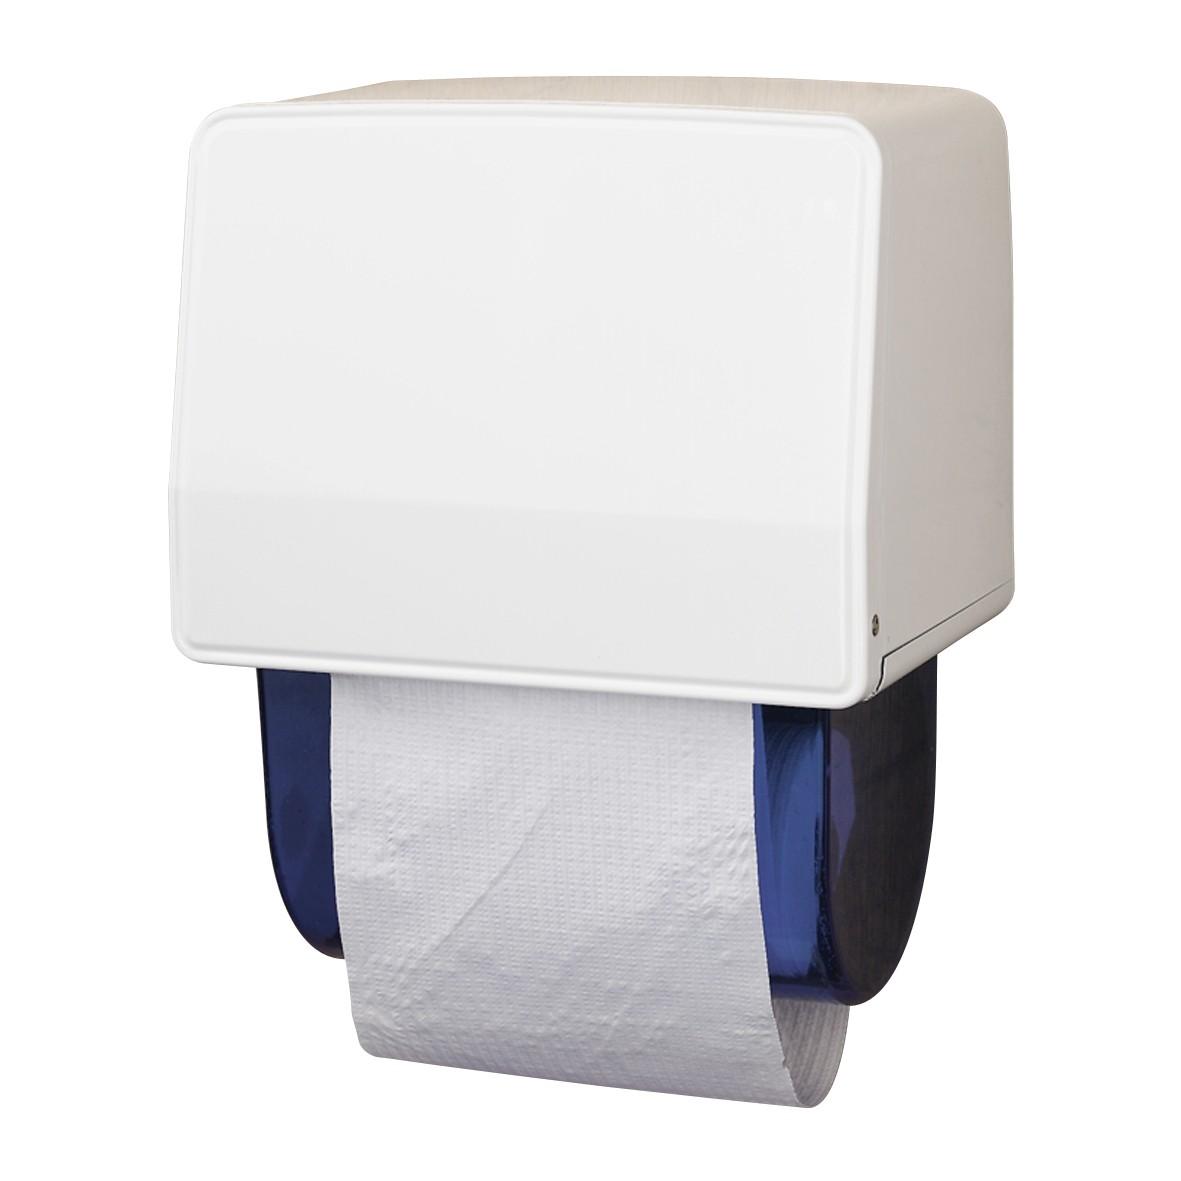 Handdoekrolautomaat classic, wit